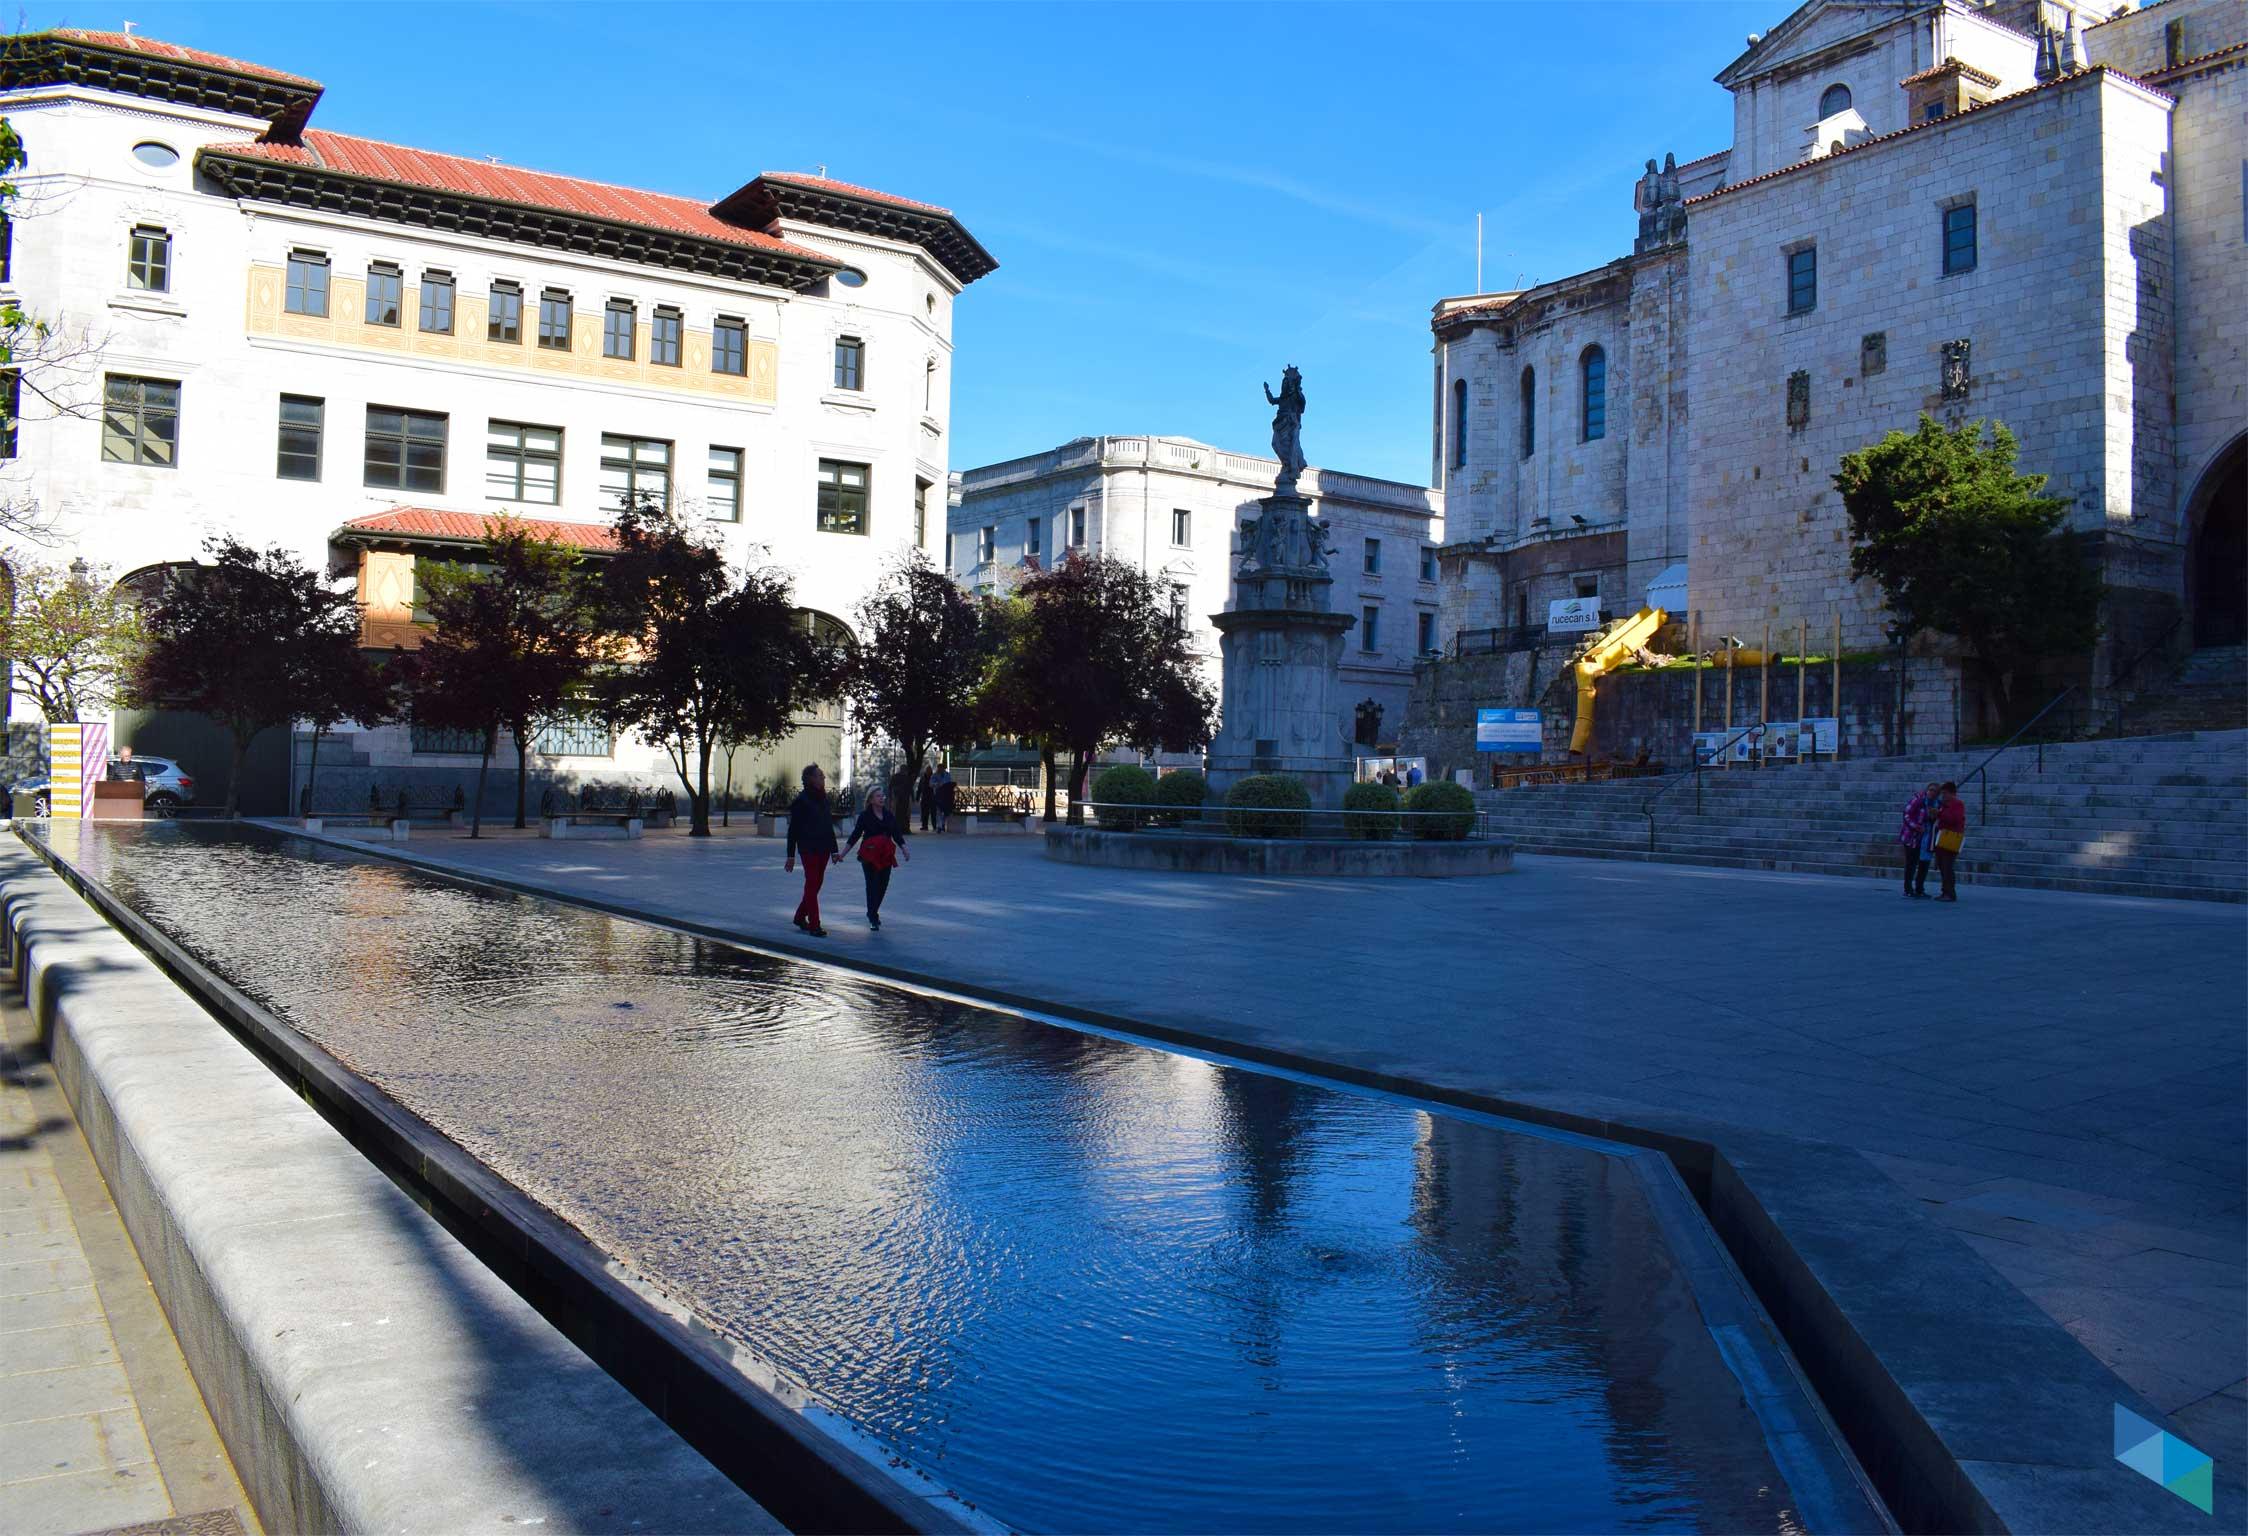 Plaza de las Atarazanas